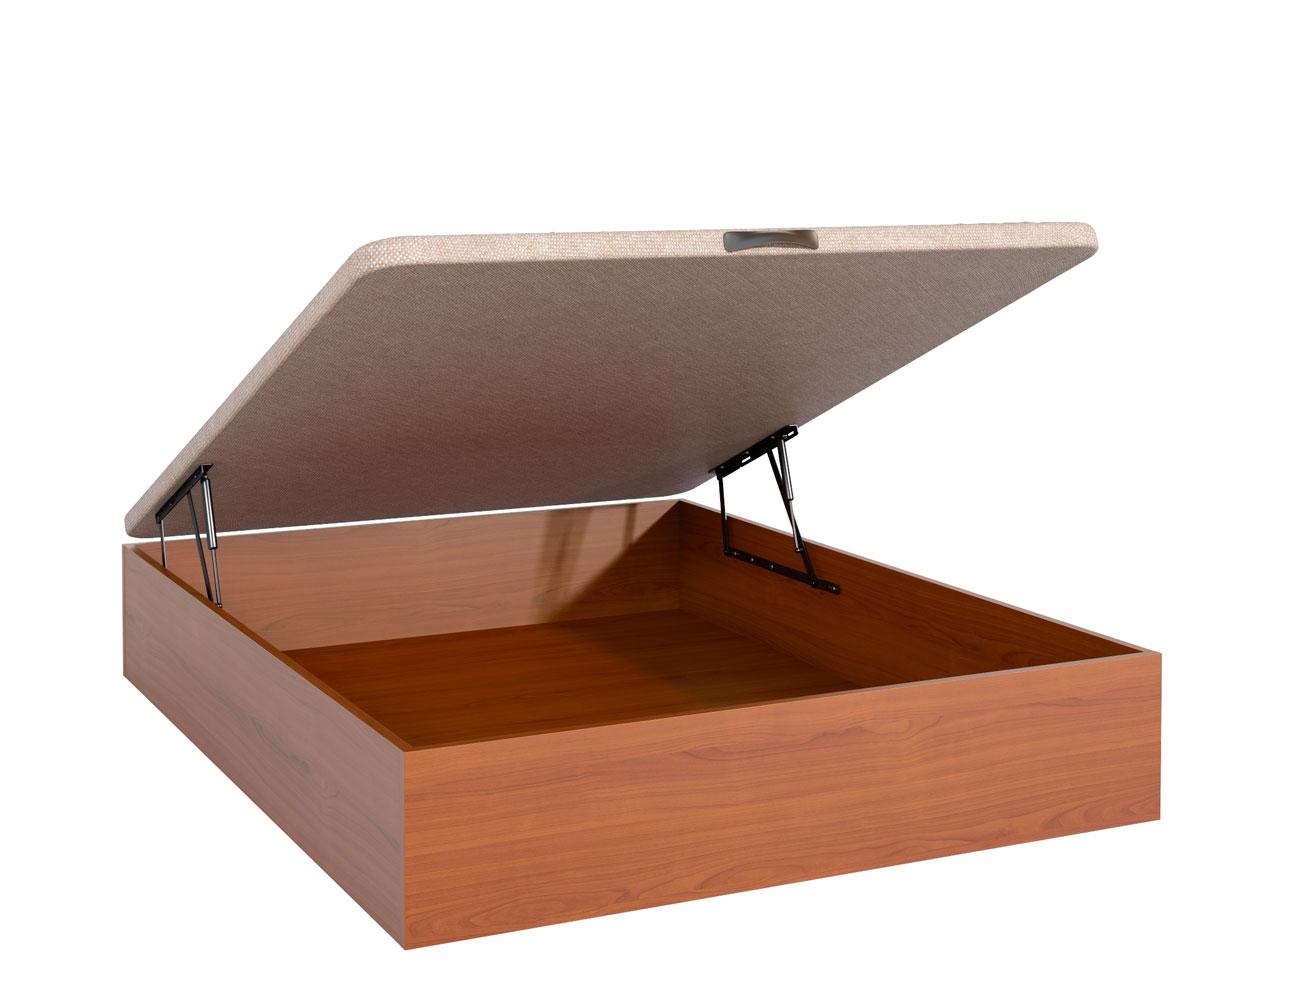 Canap de matrimonio de madera con tapa 3d transpirable for Canape 150x190